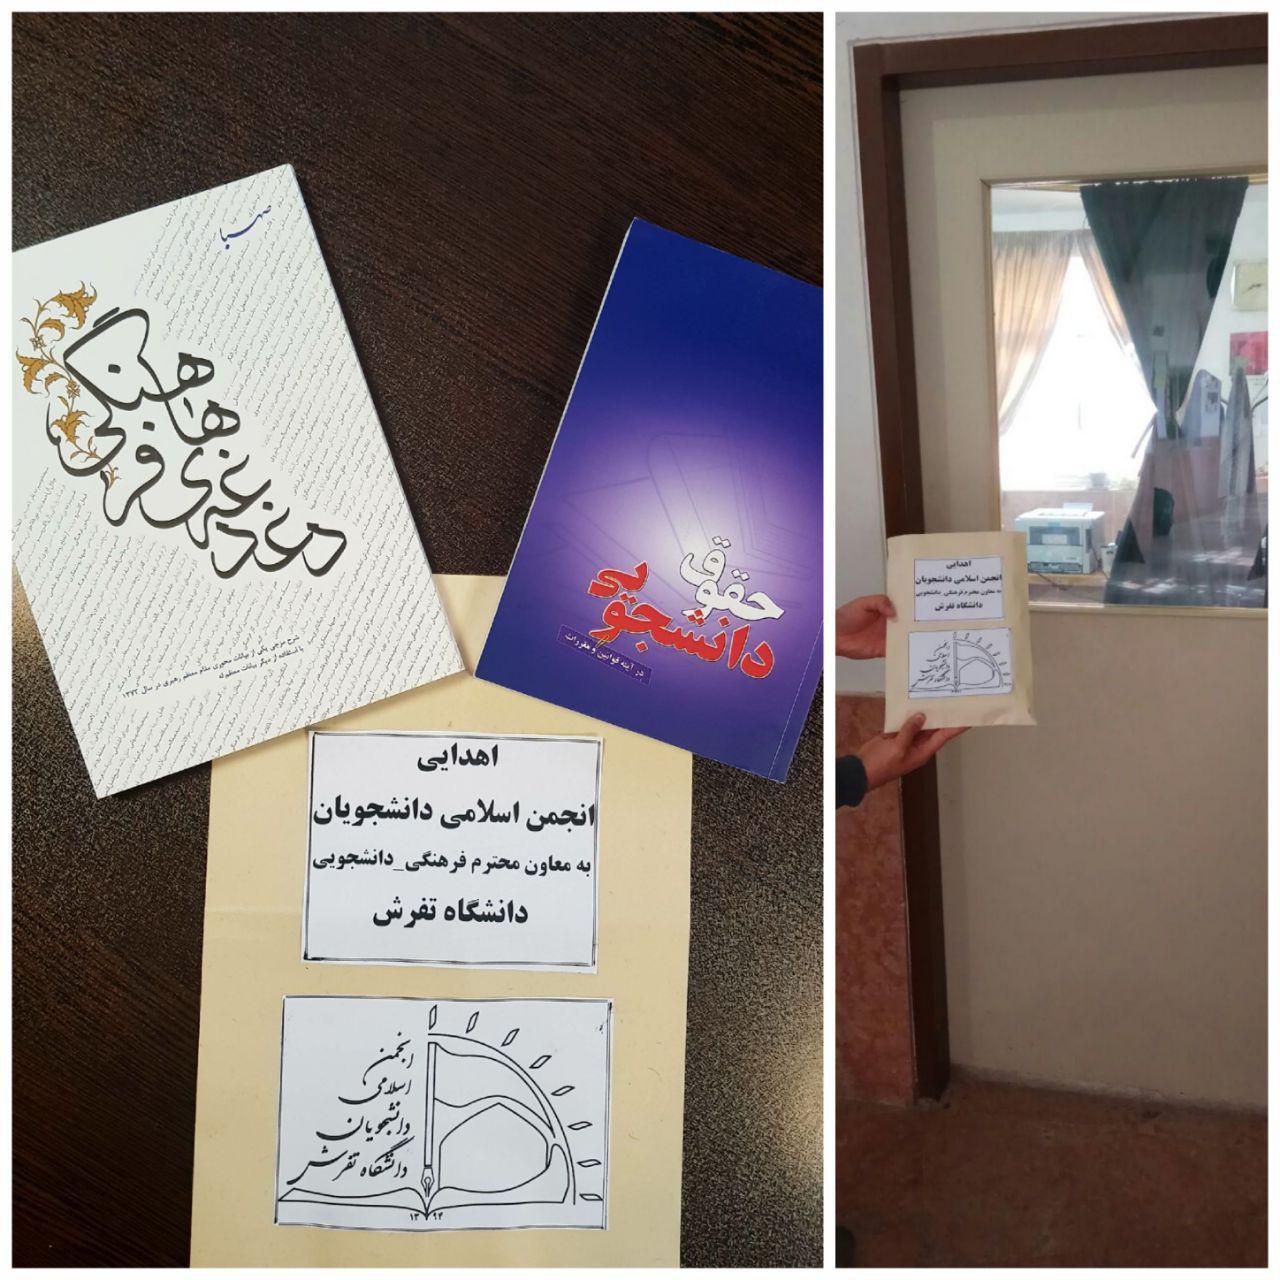 اهدایی انجمن اسلامی دانشجویان دانشگاه تفرش به معاون محترم فرهنگی-دانشجویی دانشگاه به مناسبت وقایع اخیر